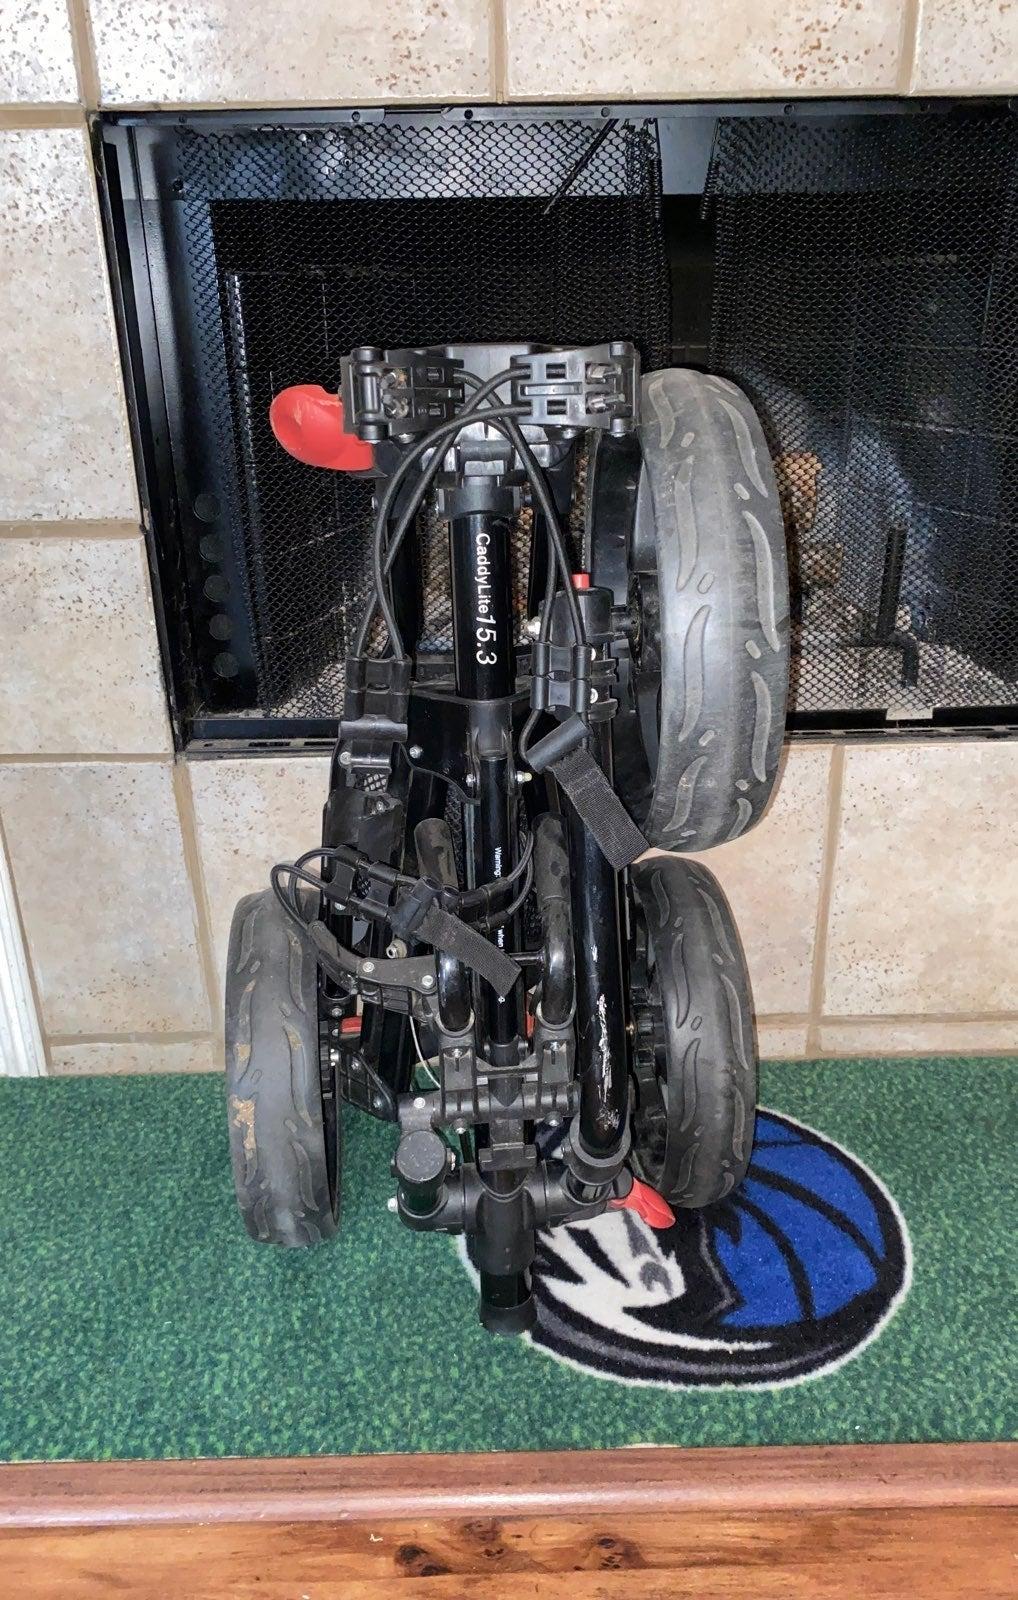 Caddytek CaddyLite 15.3 pull/push cart